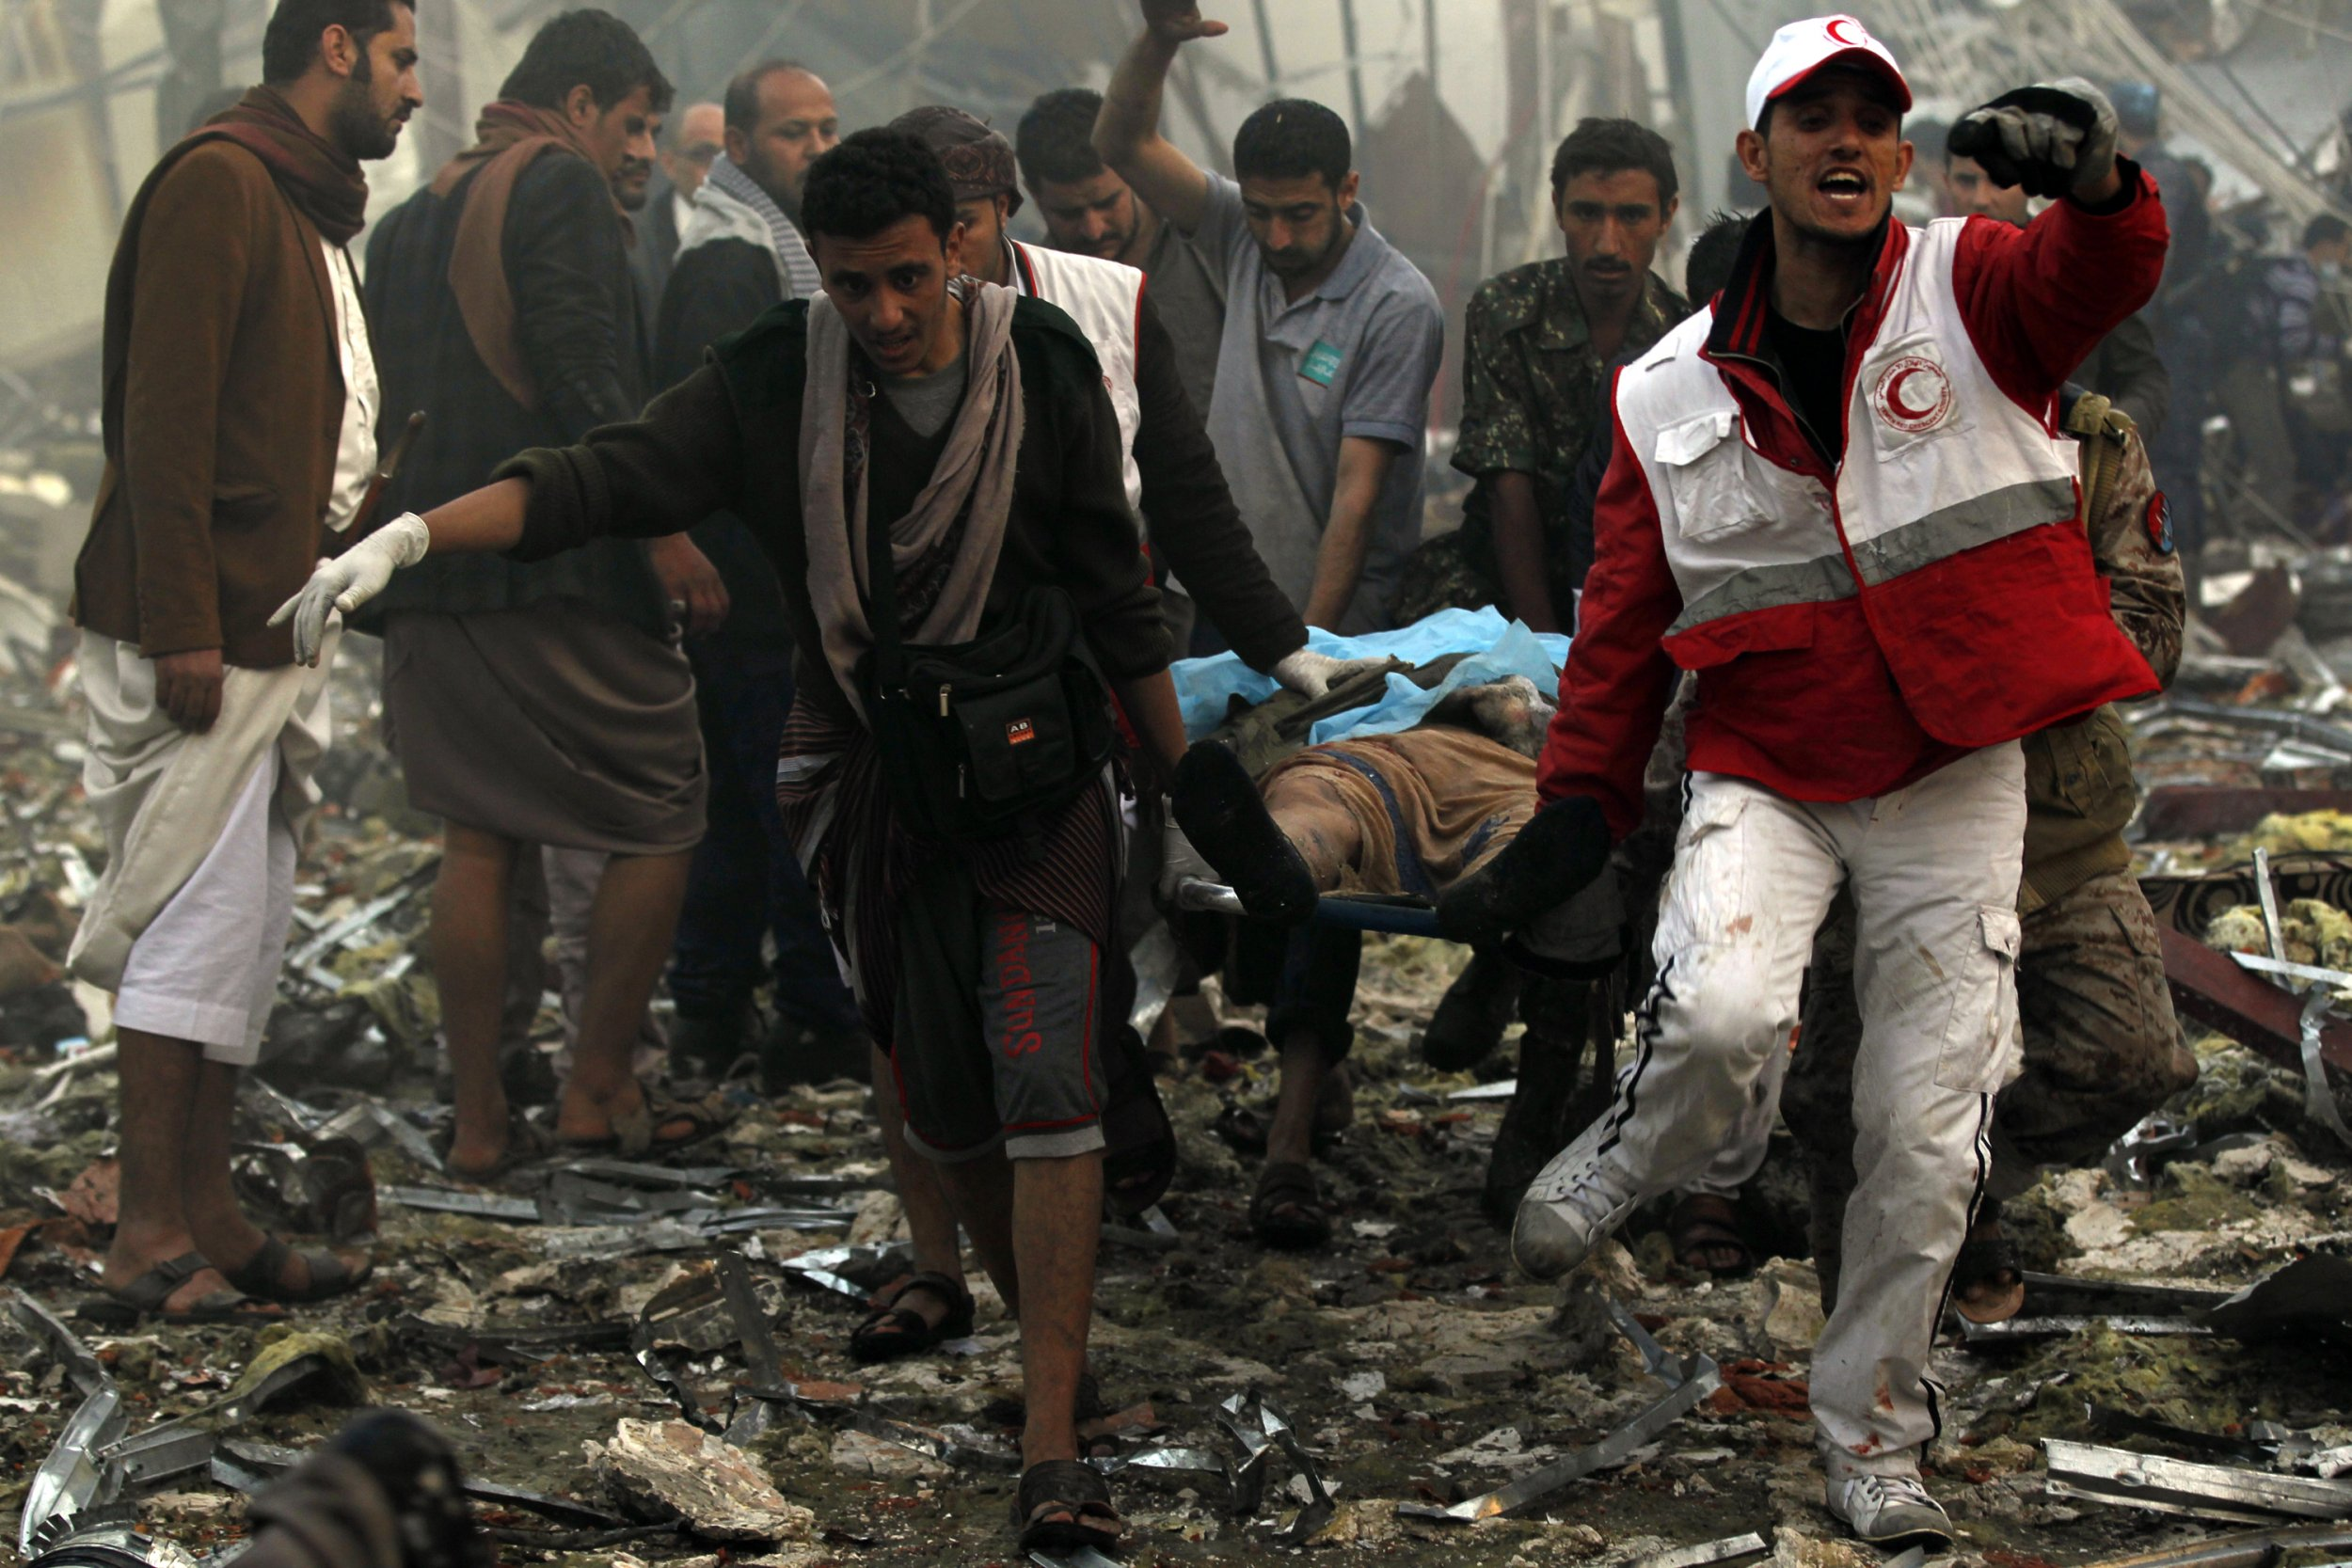 11_14_Yemen_war_Congress_unauthorized